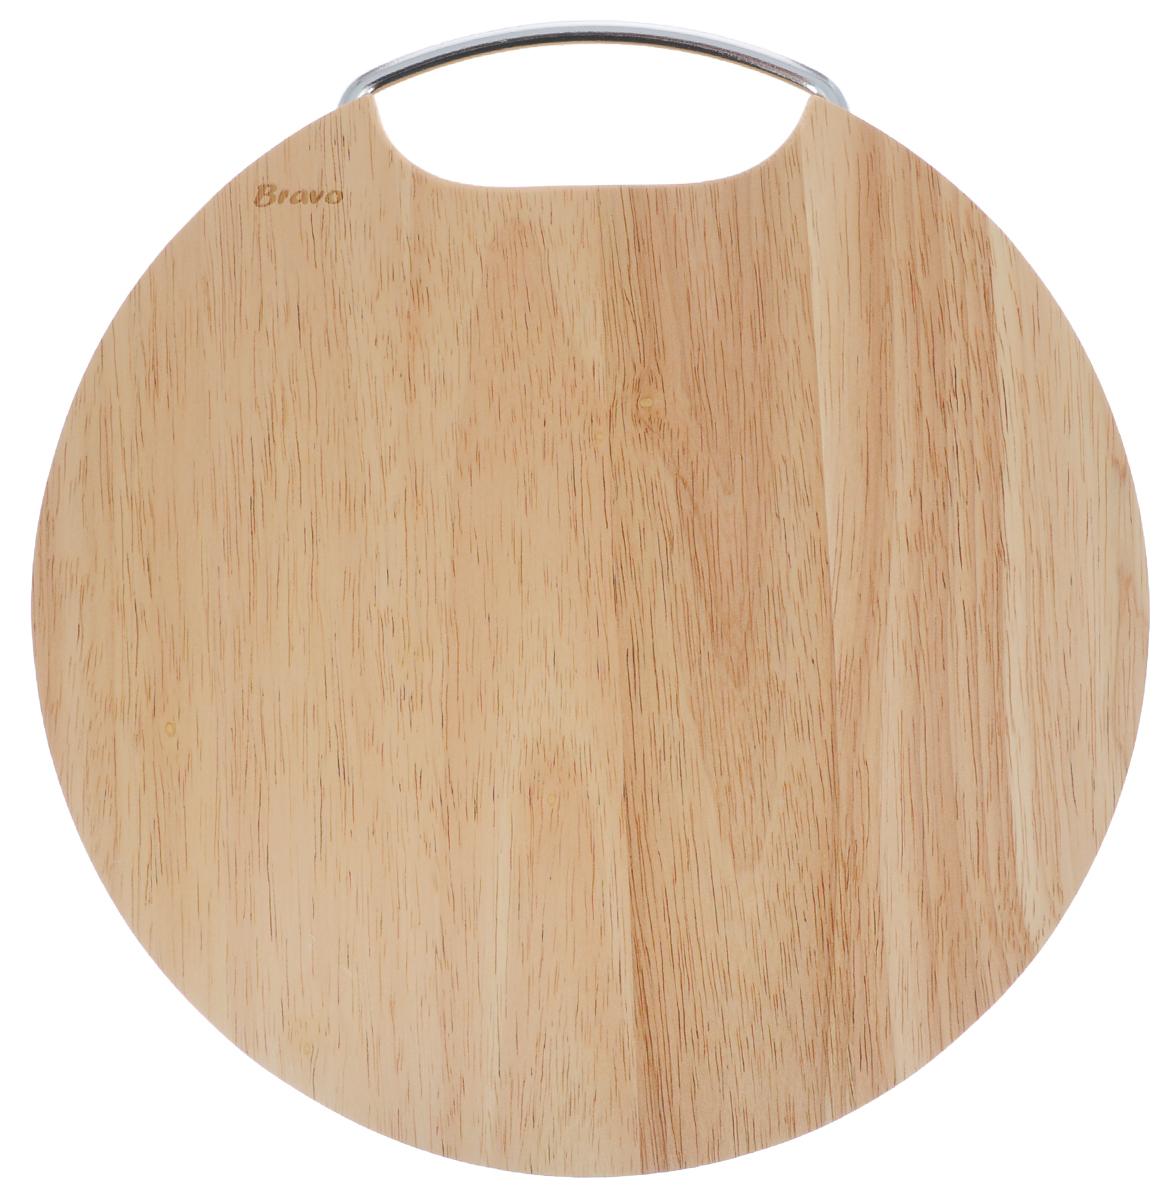 Доска разделочная Bravo, с ручкой, диаметр 28 см68/5/3Доска разделочная Bravo изготовлена из гевеи. Гевея входит в семейство элитного красного дерева. Изделия из этого дерева отличаются твердостью, долговечностью и стойкостью к гниению. Доска оснащена металлической ручкой.Функциональная и простая в использовании, разделочная доска Bravo прекрасно впишется в интерьер любой кухни и прослужит вам долгие годы. Не рекомендуется мыть в посудомоечной машине.Диаметр доски: 28 см. Толщина доски: 2 см.